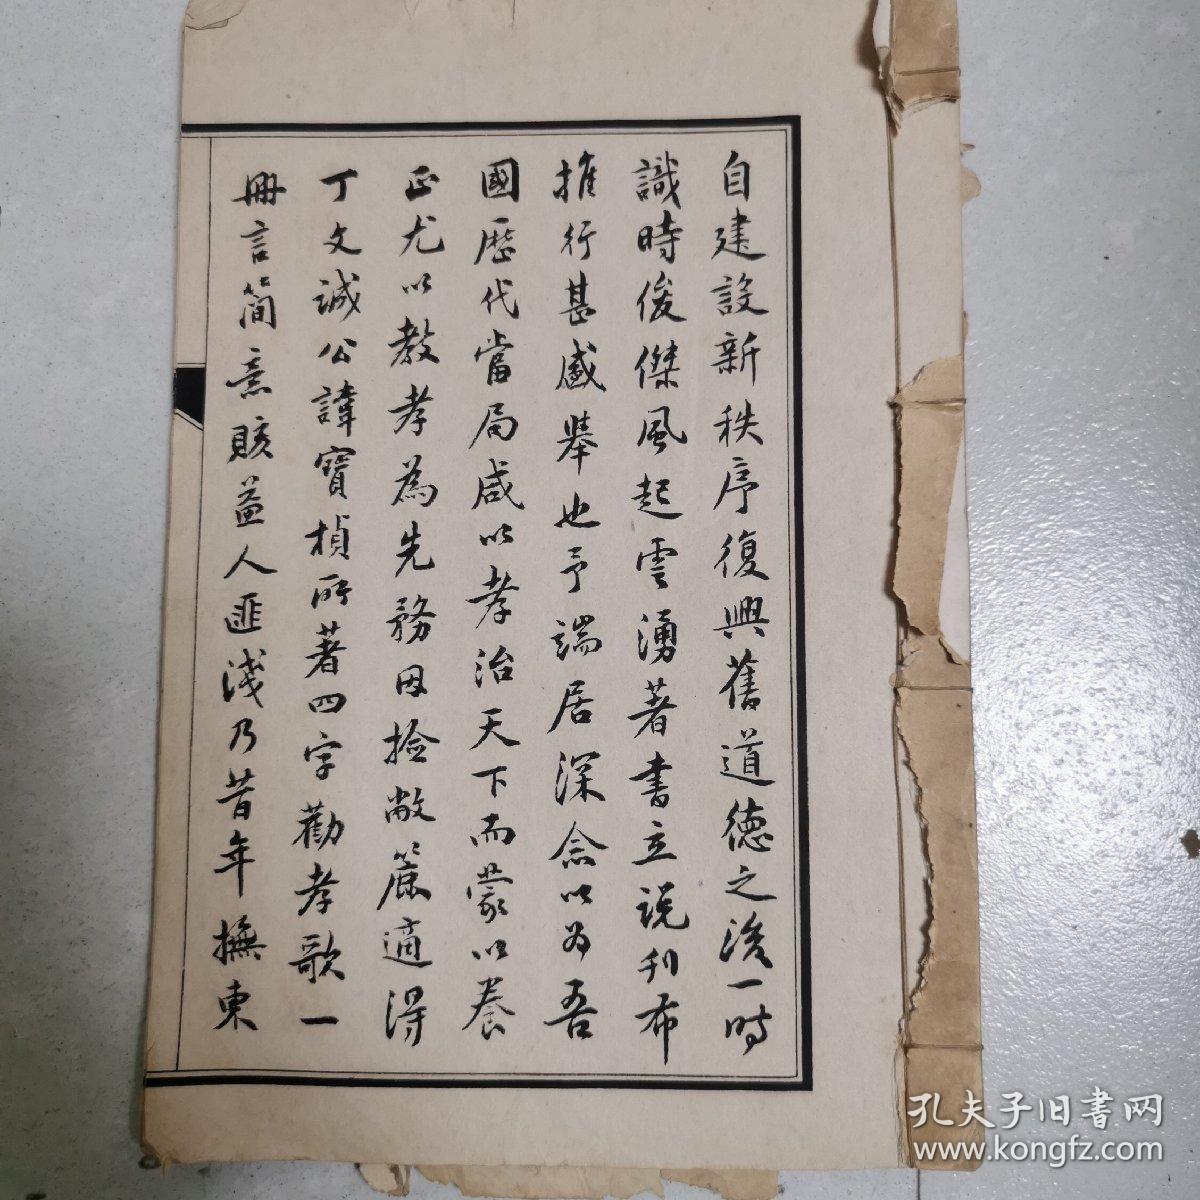 丁文诚公劝孝歌(民国版)